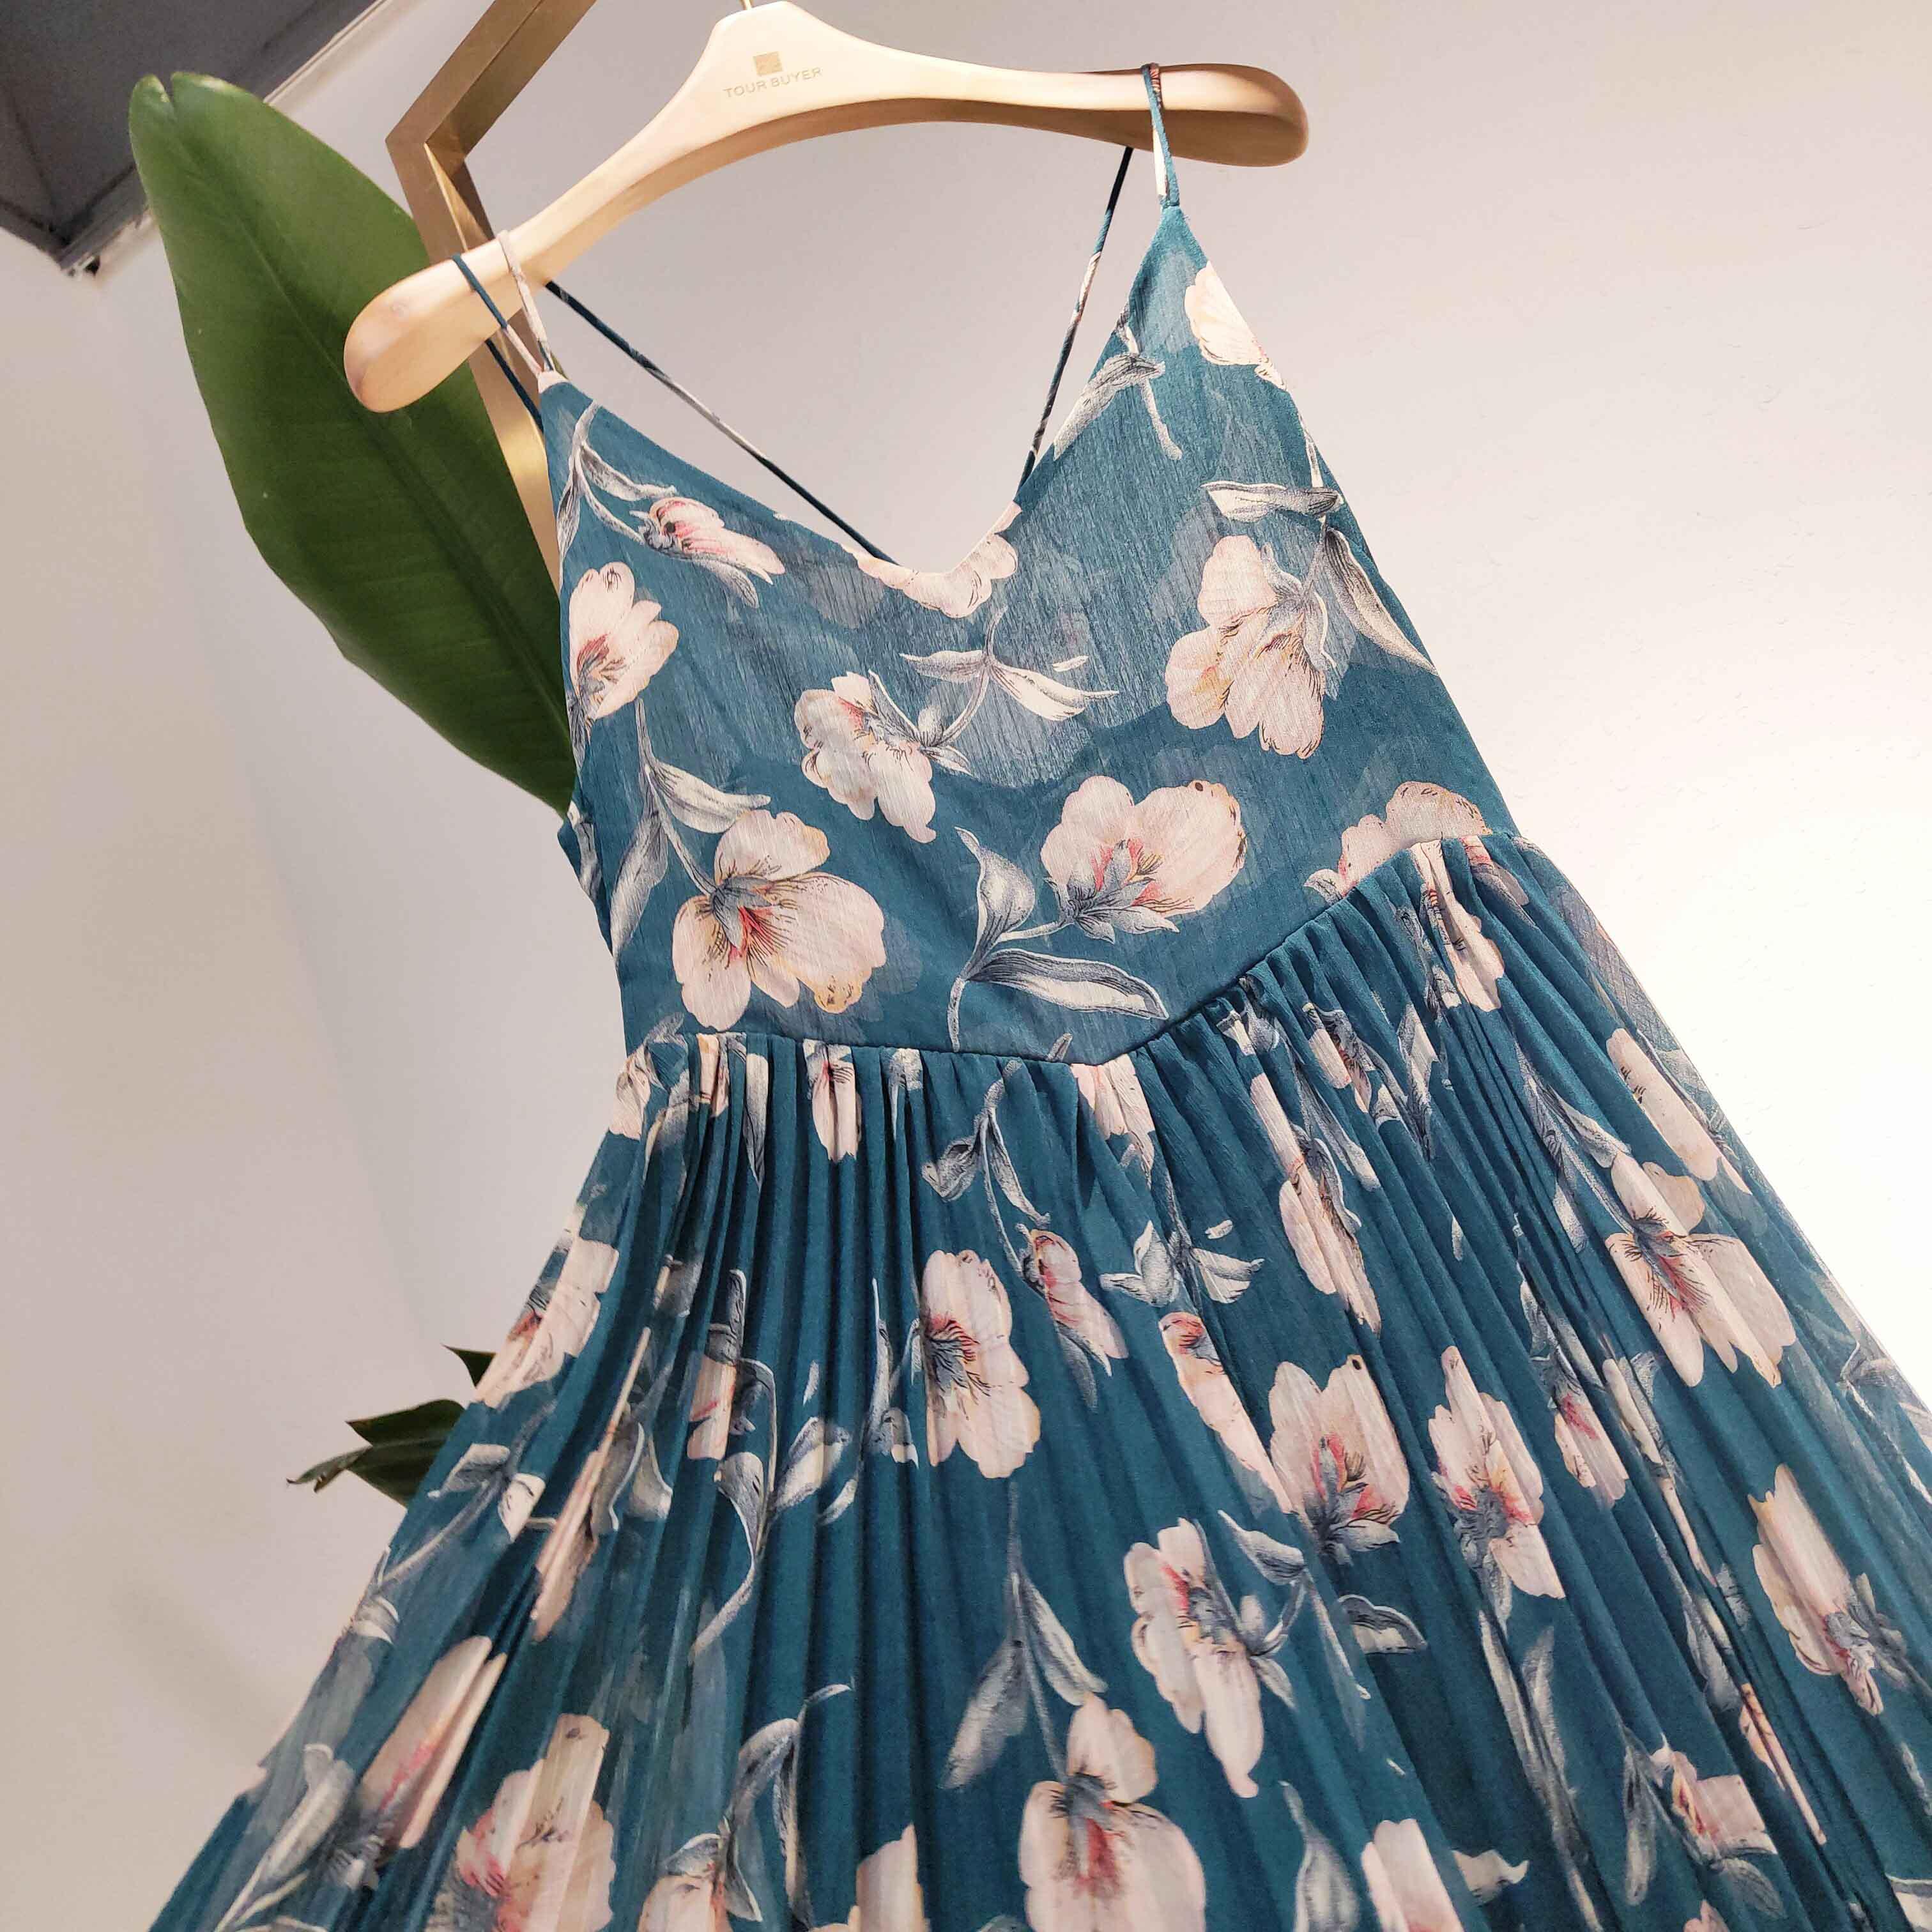 【热点】原创设计师女装品牌春季上新,休闲又时尚